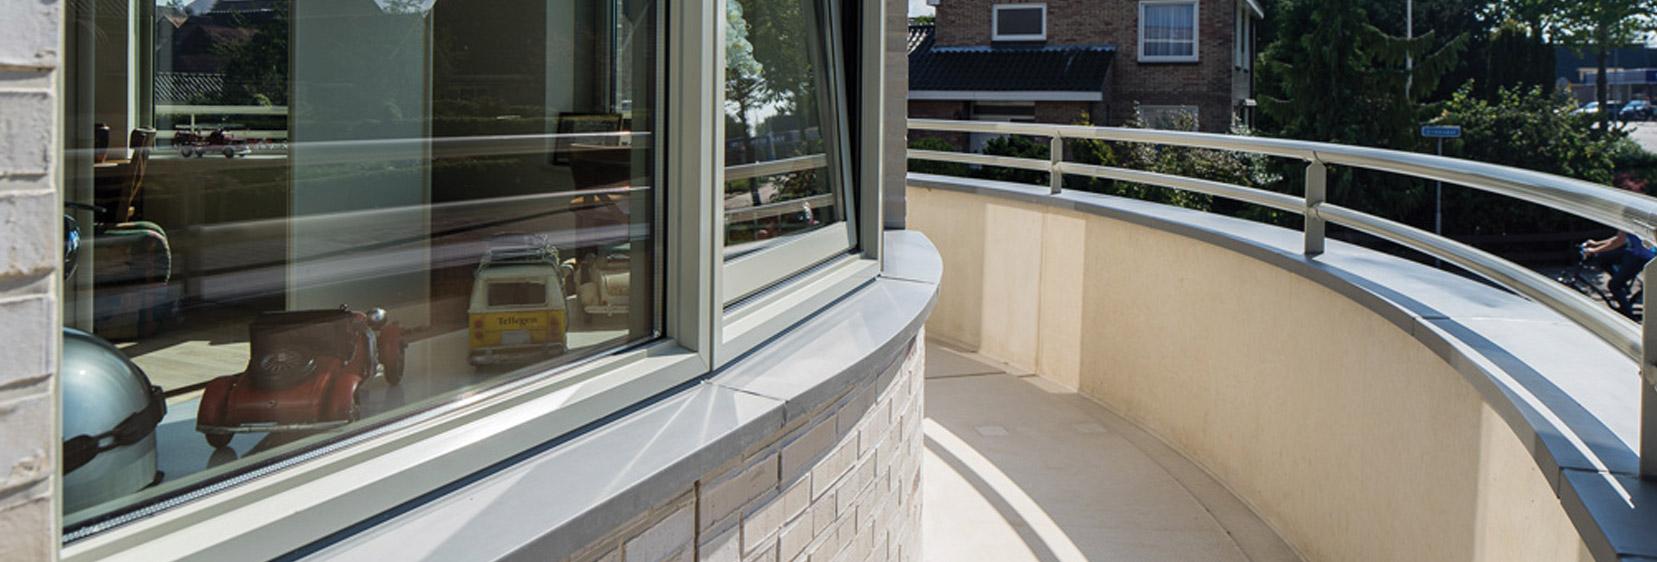 Maßangefertigte Mauerabdeckungen und Fensterbänke